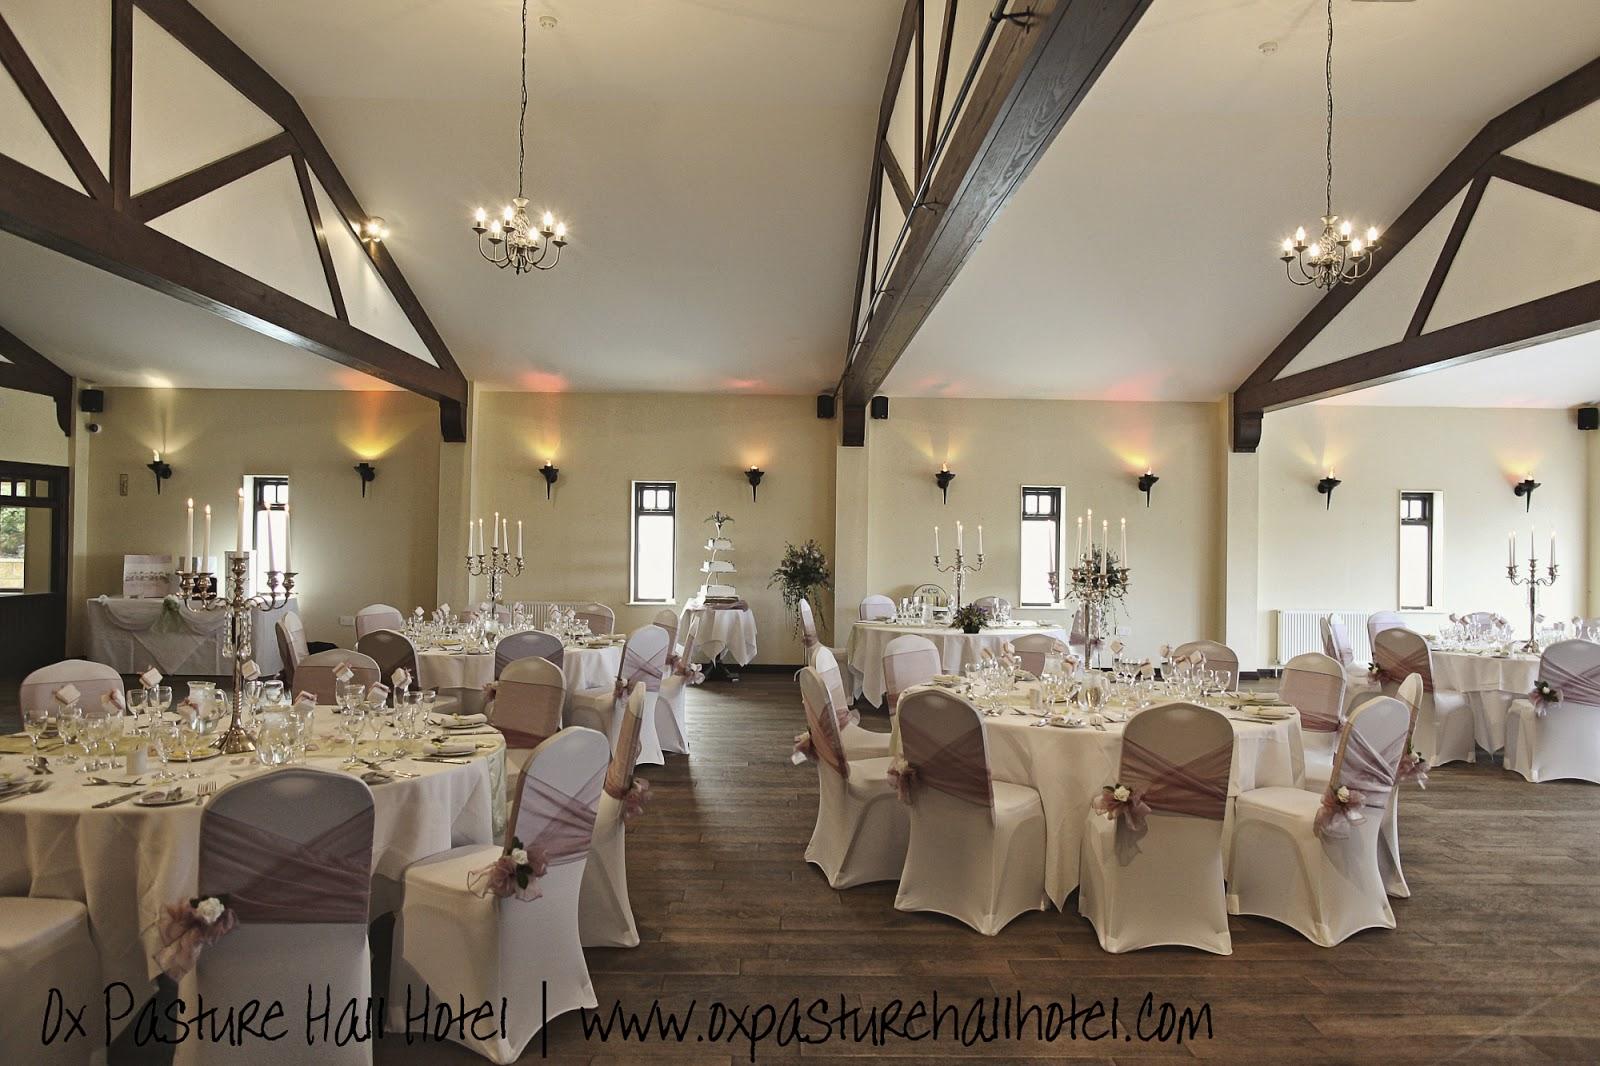 Wedding receptions at Ox Pasture Hall Hotel | Anyonita-nibbles.co.uk